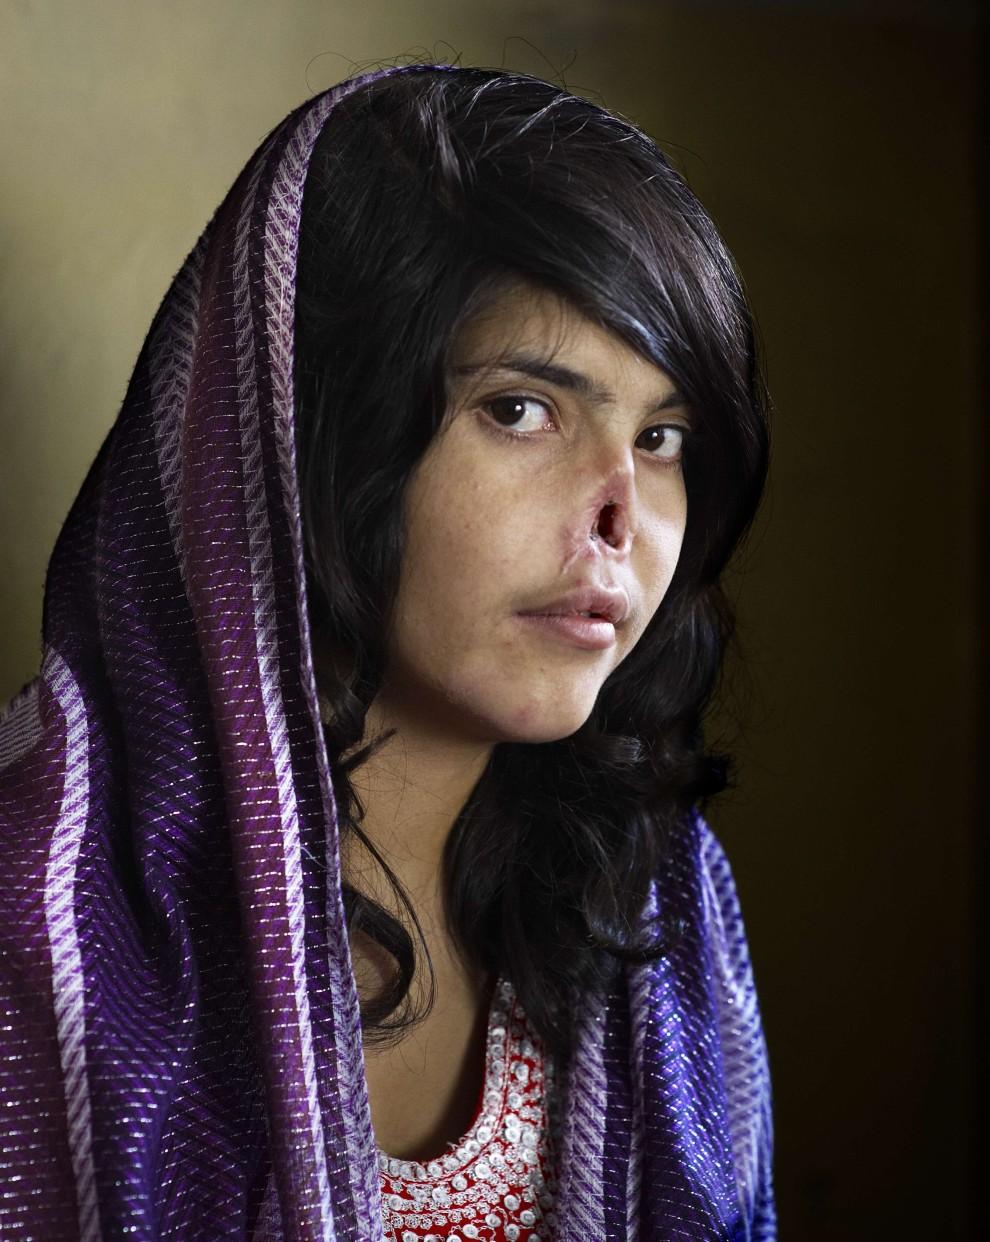 """29.Główną nagrodę World Press Photo otrzymała fotografia Jodi Bieber dla tygodnika """"Time"""" przedstawiająca 18-letnią Afgankę z nosem obciętym przez męża. USA AFP/TIME MAGAZINE JODI BIEBER/sd"""